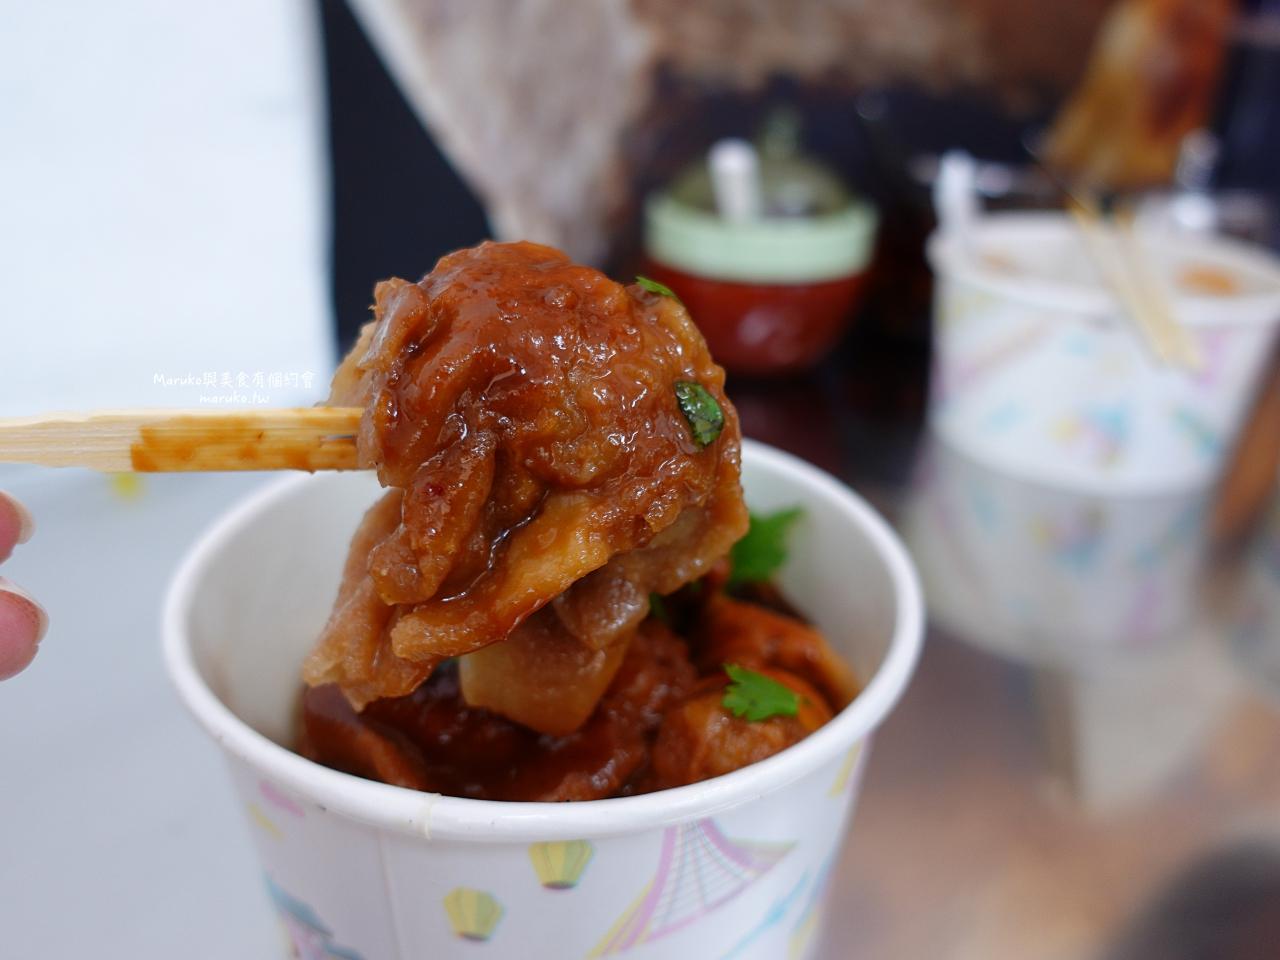 【台北】艋舺甜不辣/隱藏在社區只賣彰化肉圓、大腸蚵仔麵線、甜不辣/南機場夜市週邊美食 @Maruko與美食有個約會